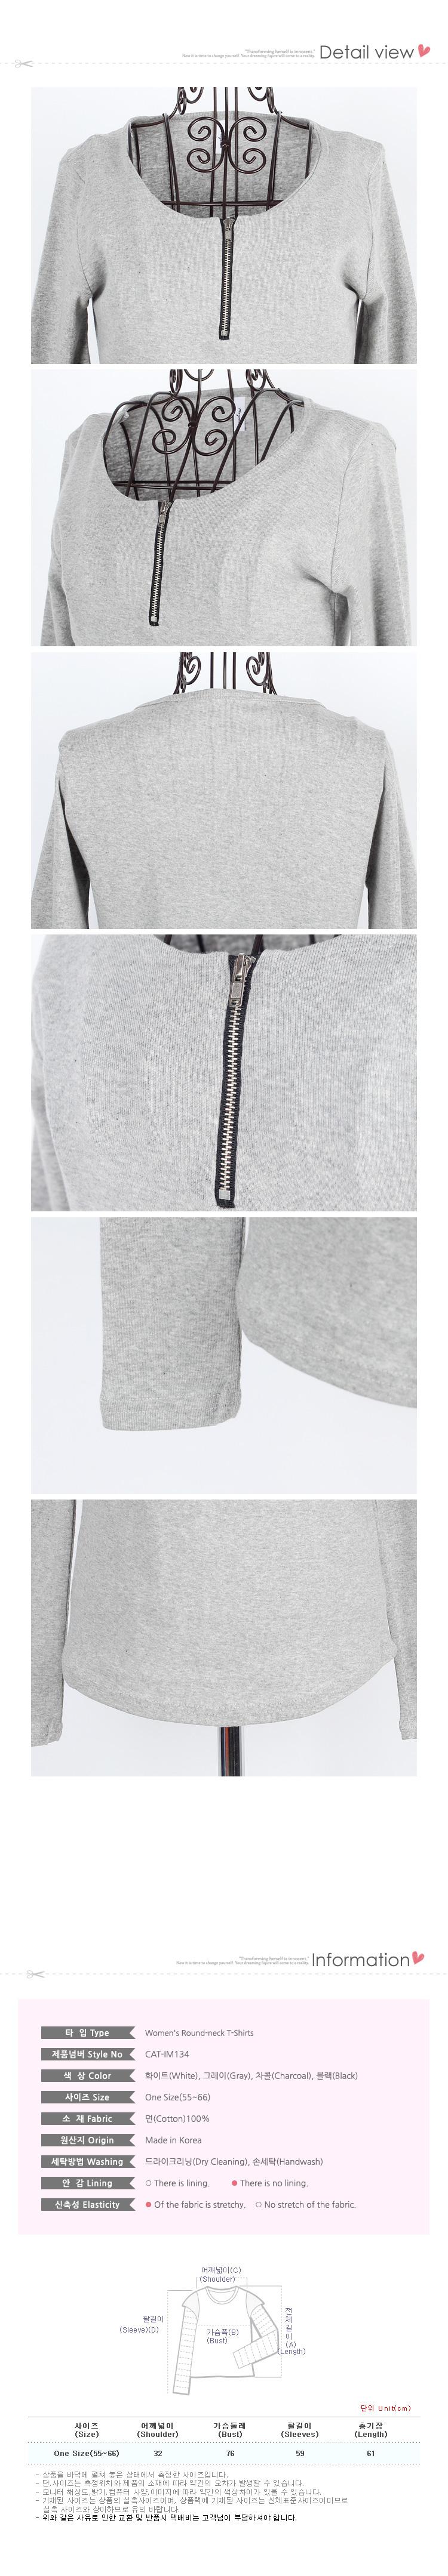 앞지퍼 라운드넥 긴팔 티셔츠 - 쿠비카, 9,800원, 상의, 긴팔티셔츠